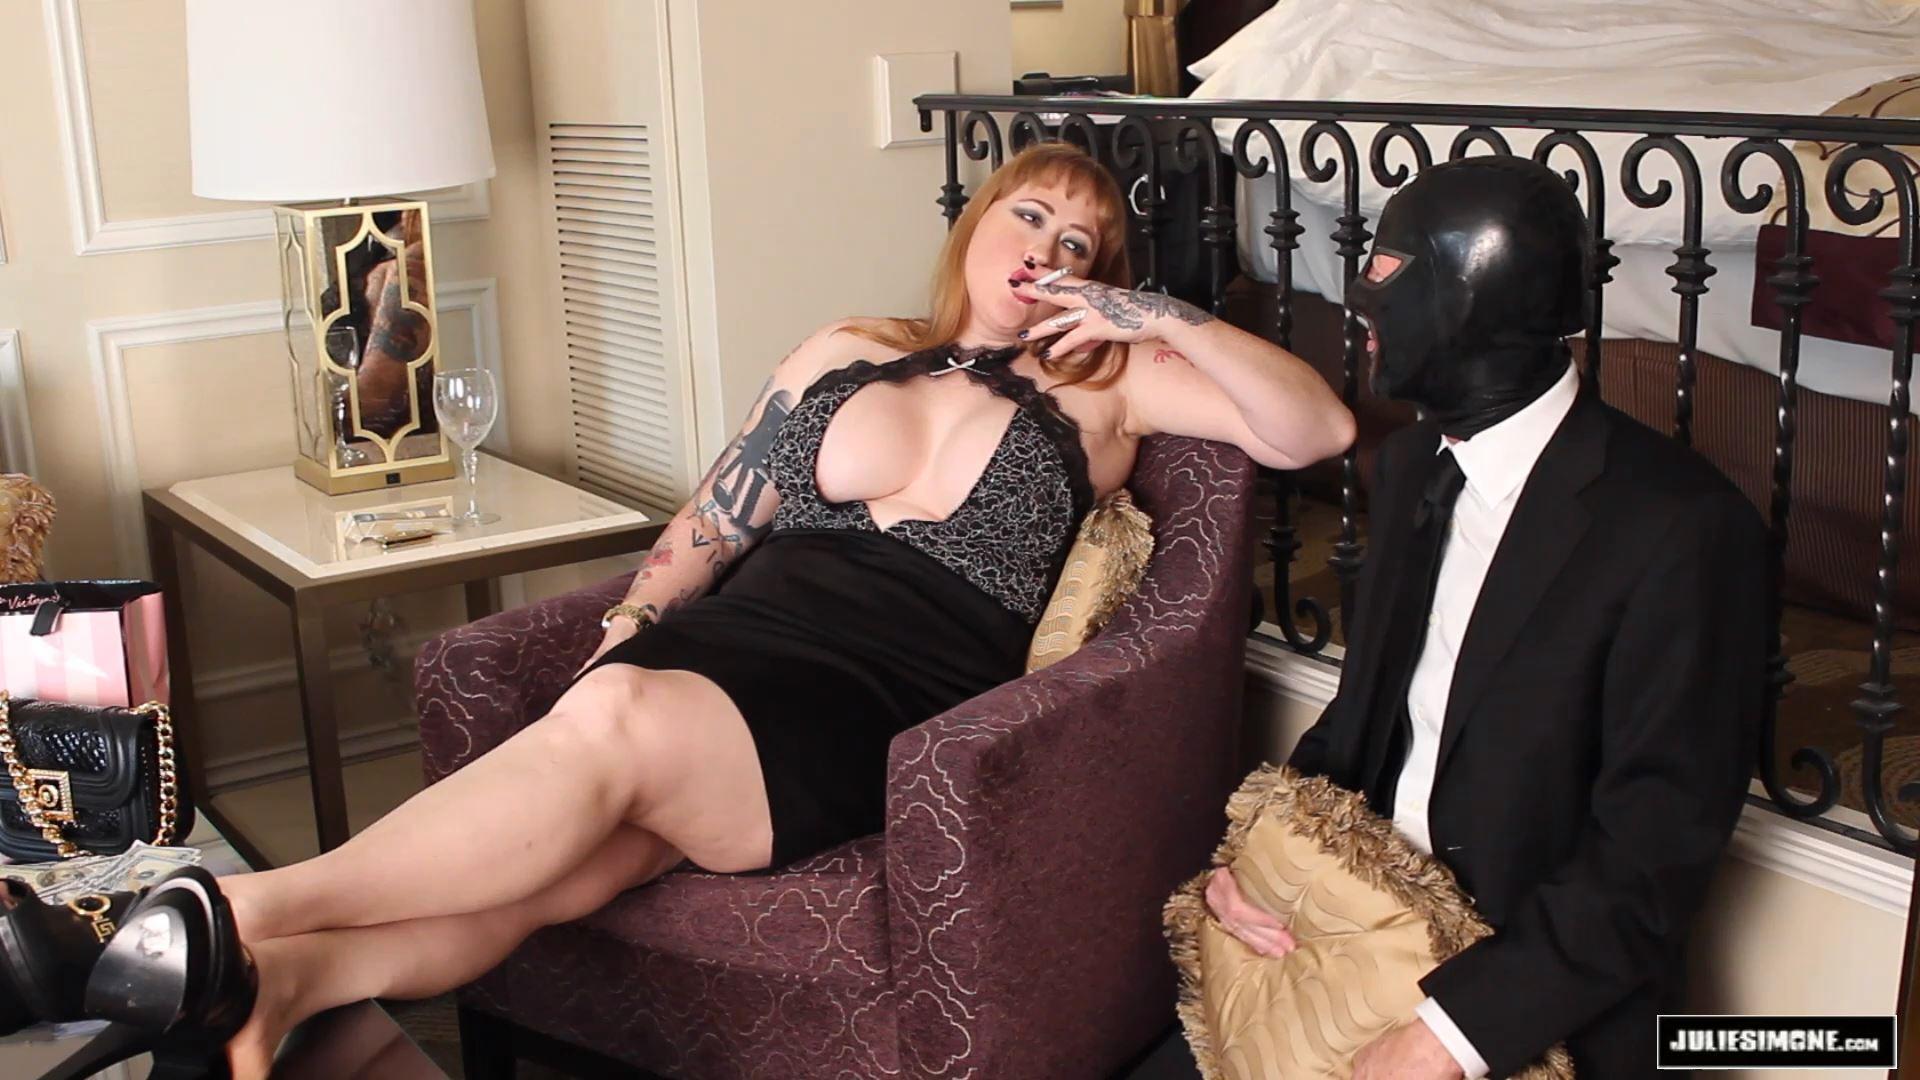 Julie Simone In Scene: Viagra Shopping Trip Part 2 Findom Pillowhumping - JULIESIMONE - FULL HD/1080p/MP4